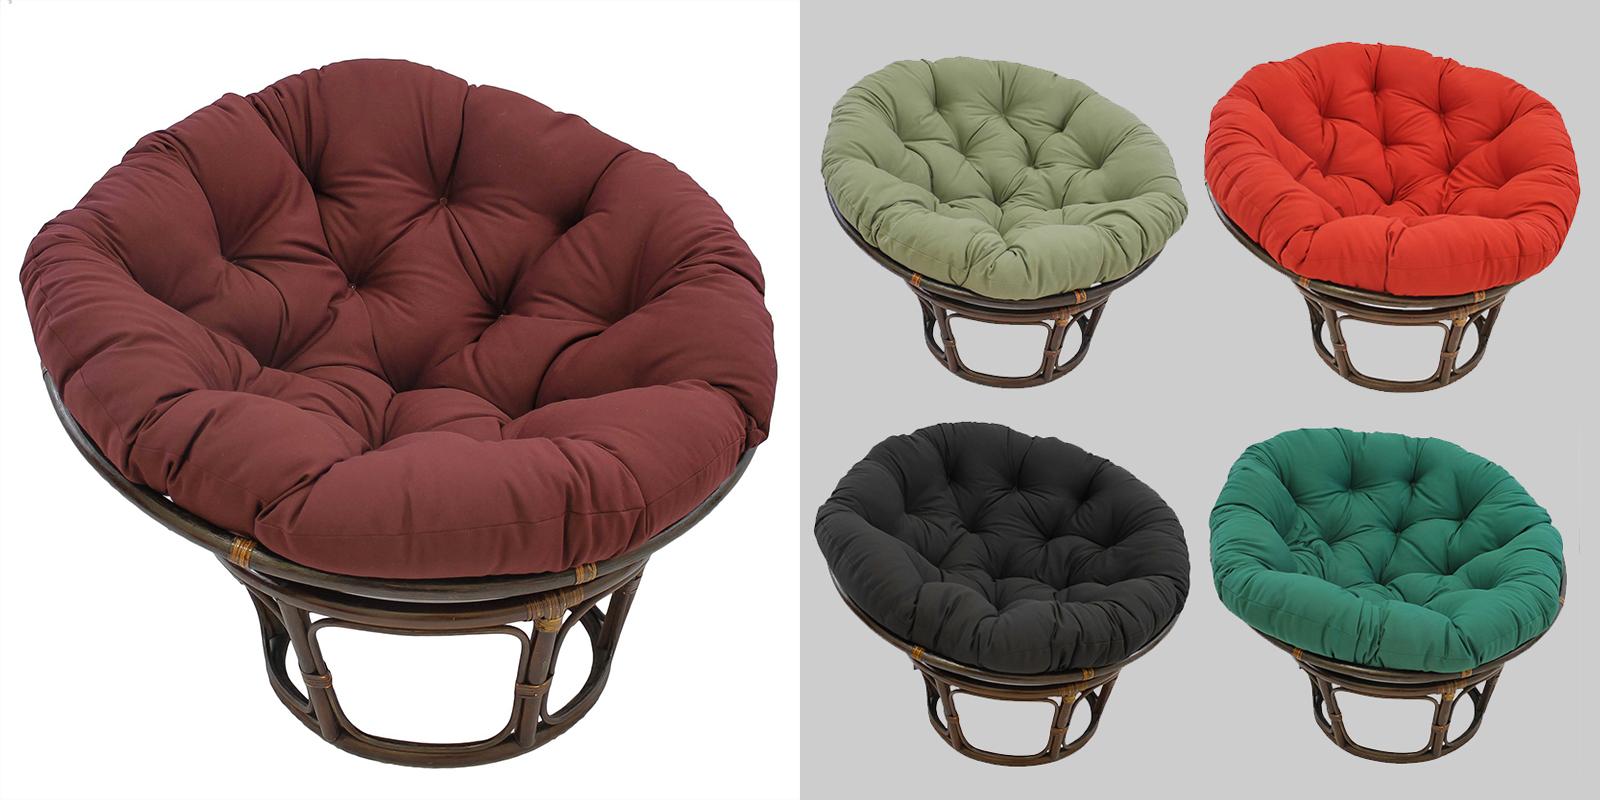 Patio Chair - Classic Papasan Chair